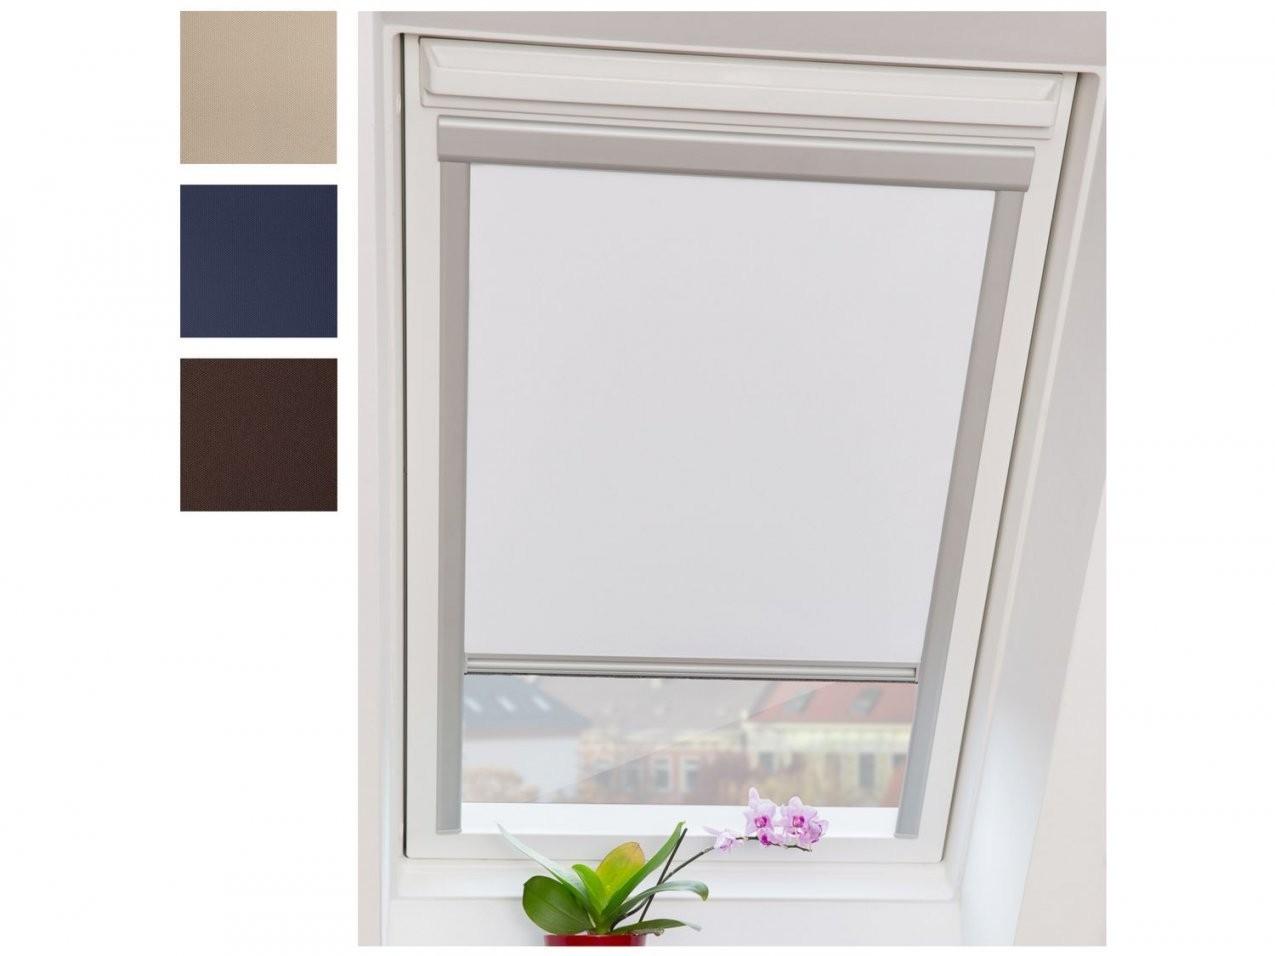 Lichtblick Dachfensterrollo Skylight Thermo Verdunkelung  Lidl von Fenster Rollos Günstig Bild